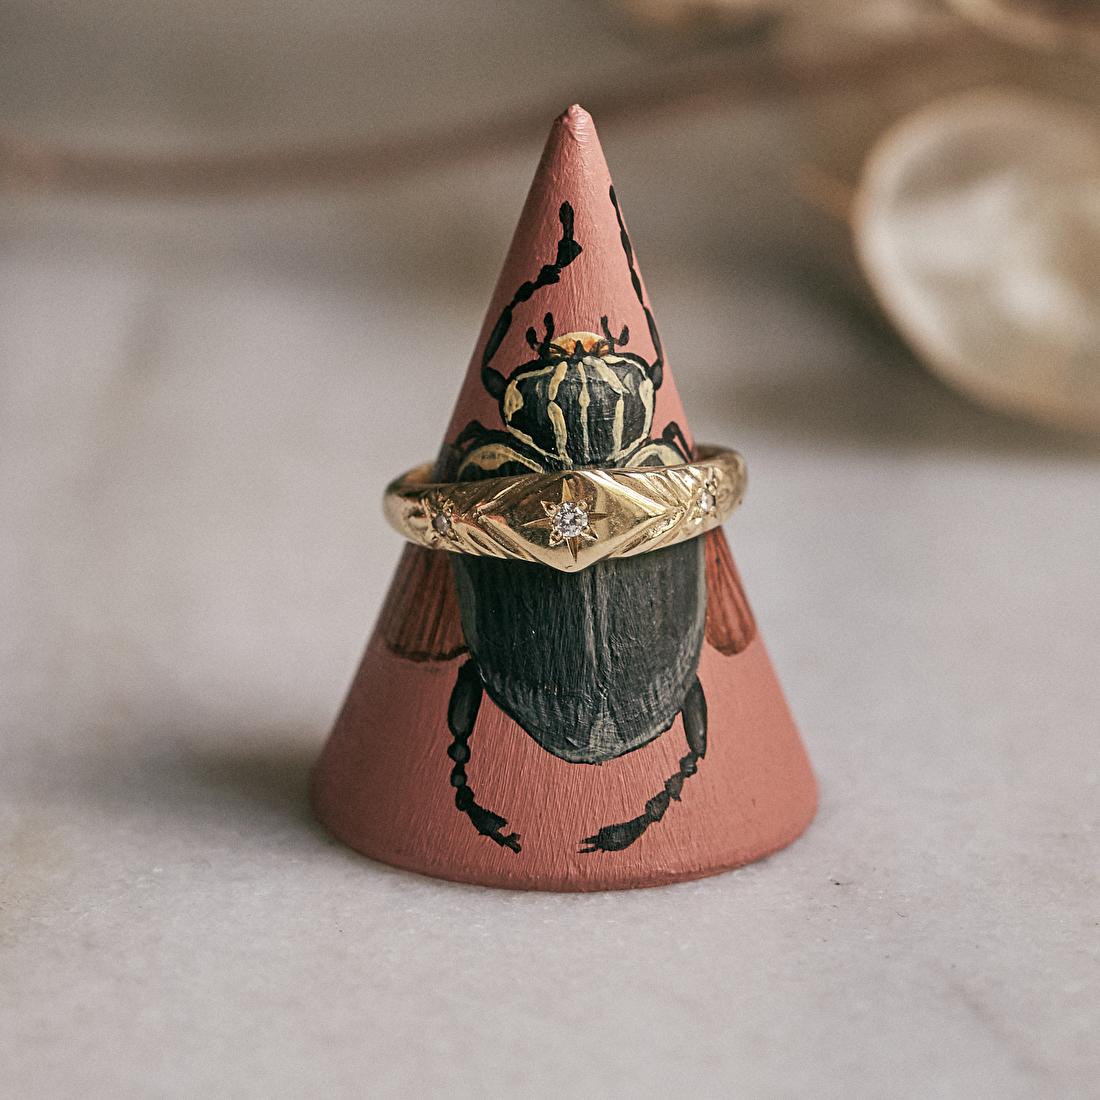 Ring cone by Rosa de Weerd